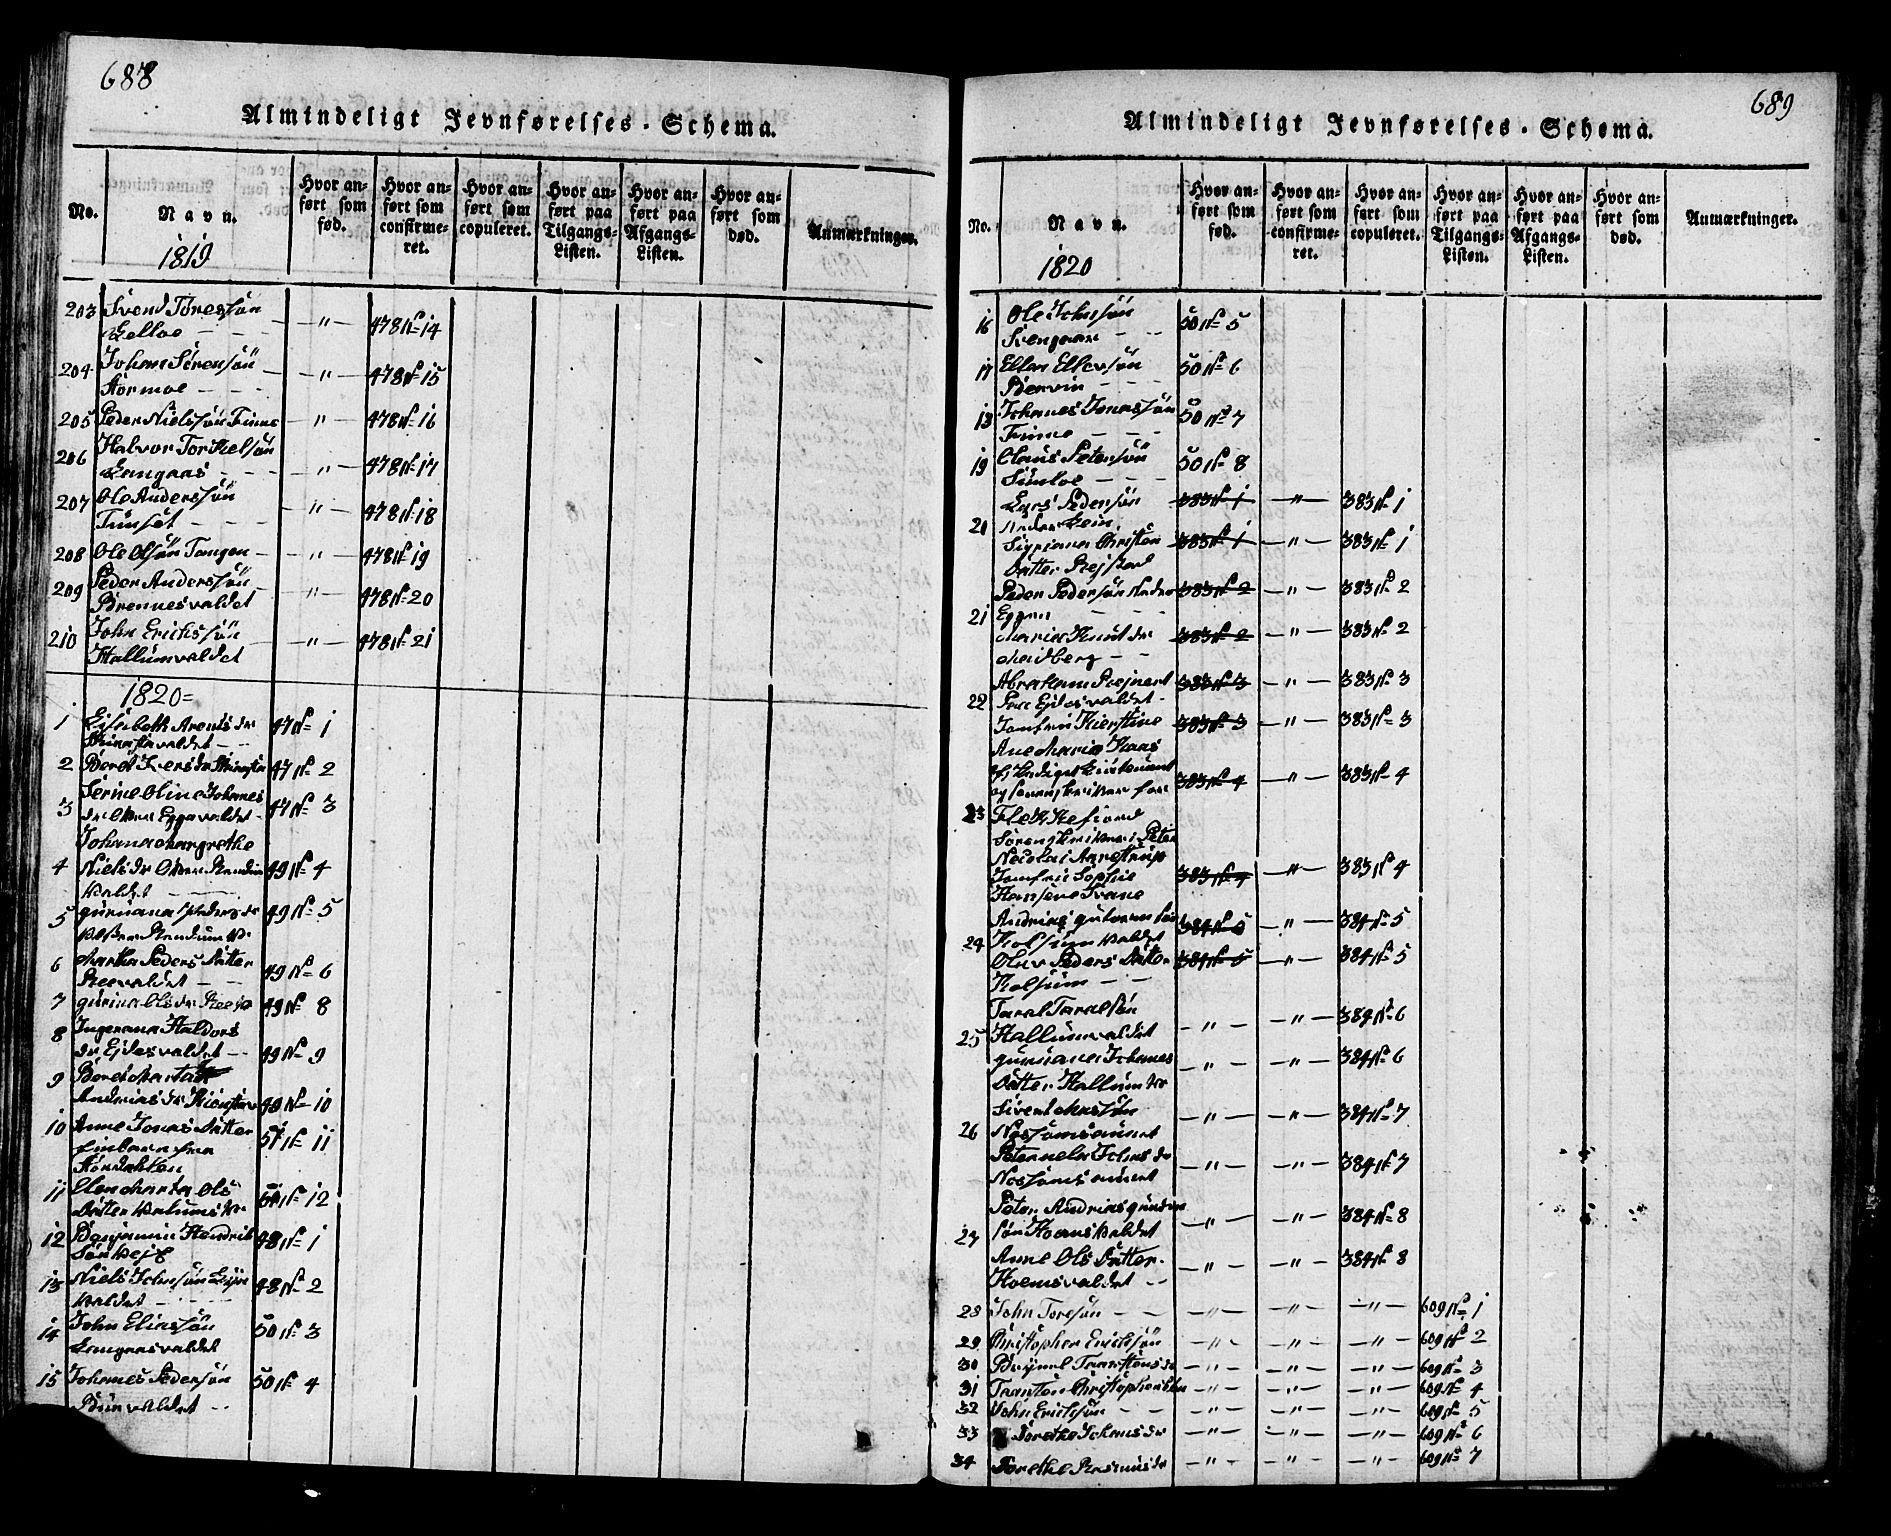 SAT, Ministerialprotokoller, klokkerbøker og fødselsregistre - Nord-Trøndelag, 717/L0169: Klokkerbok nr. 717C01, 1816-1834, s. 688-689